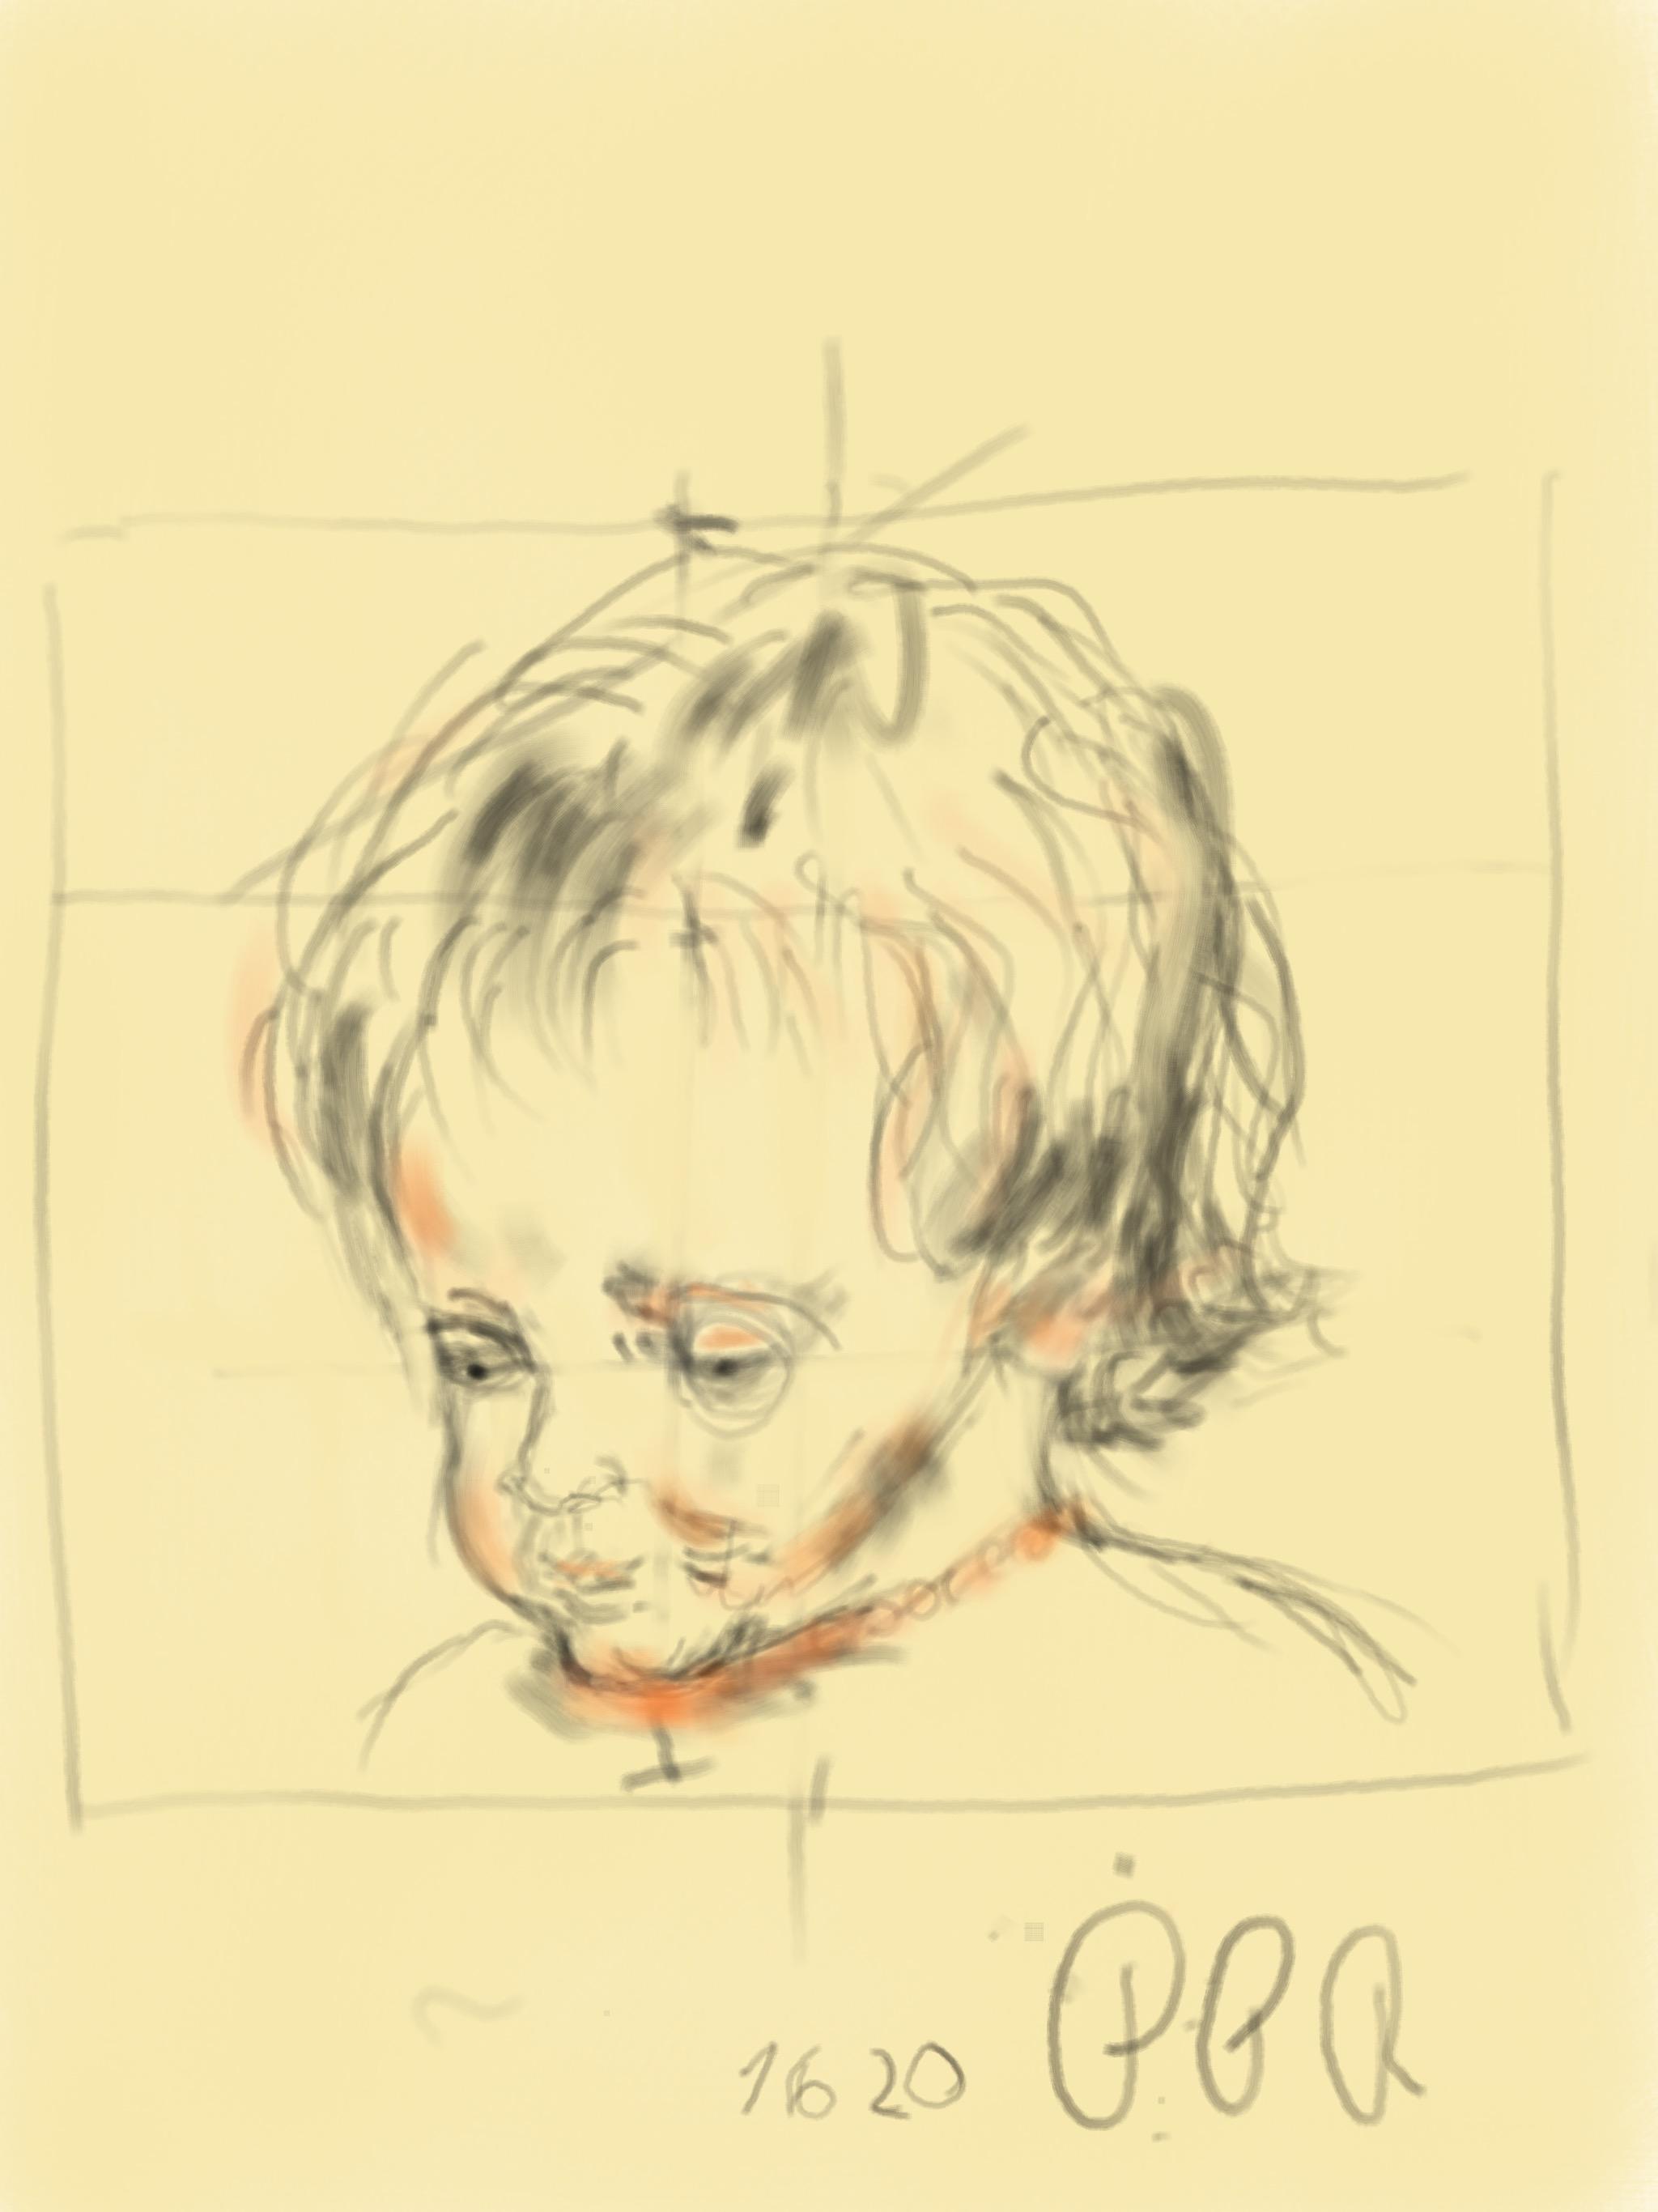 Pier Paul Rubens, Justino, iPad, 2019.